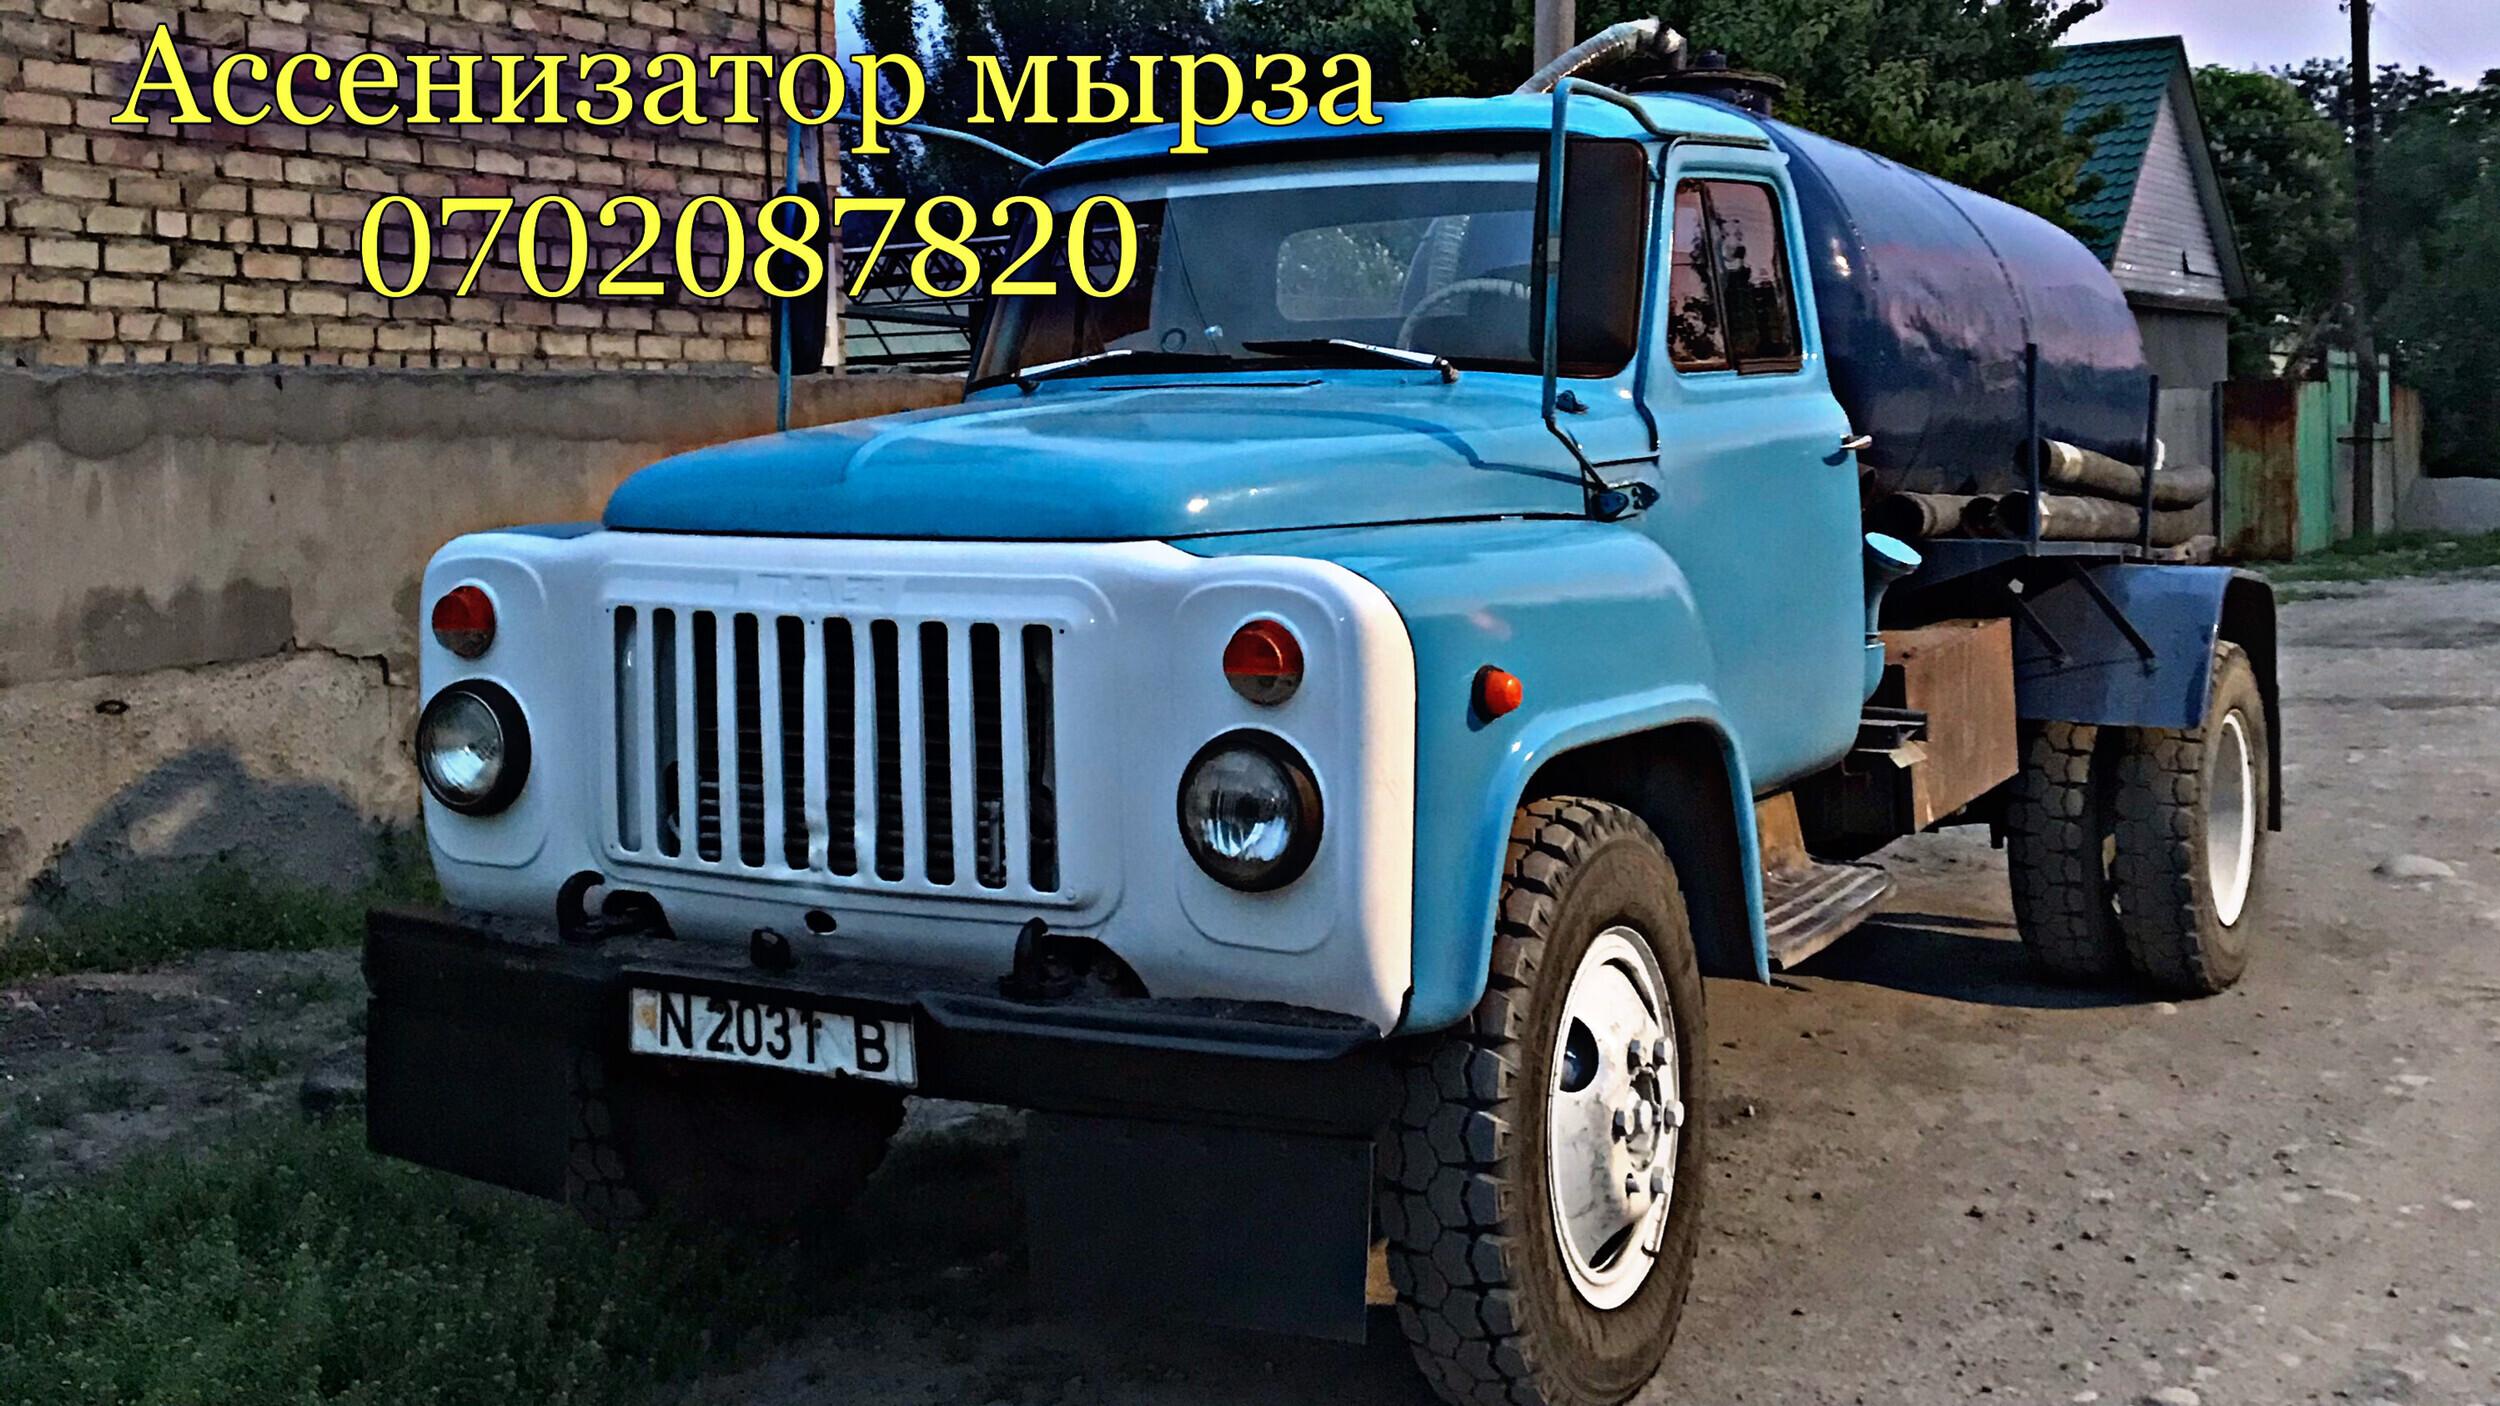 Ассенизатор мырза - Бизнес-профиль компании на lalafo.kg   Кыргызстан